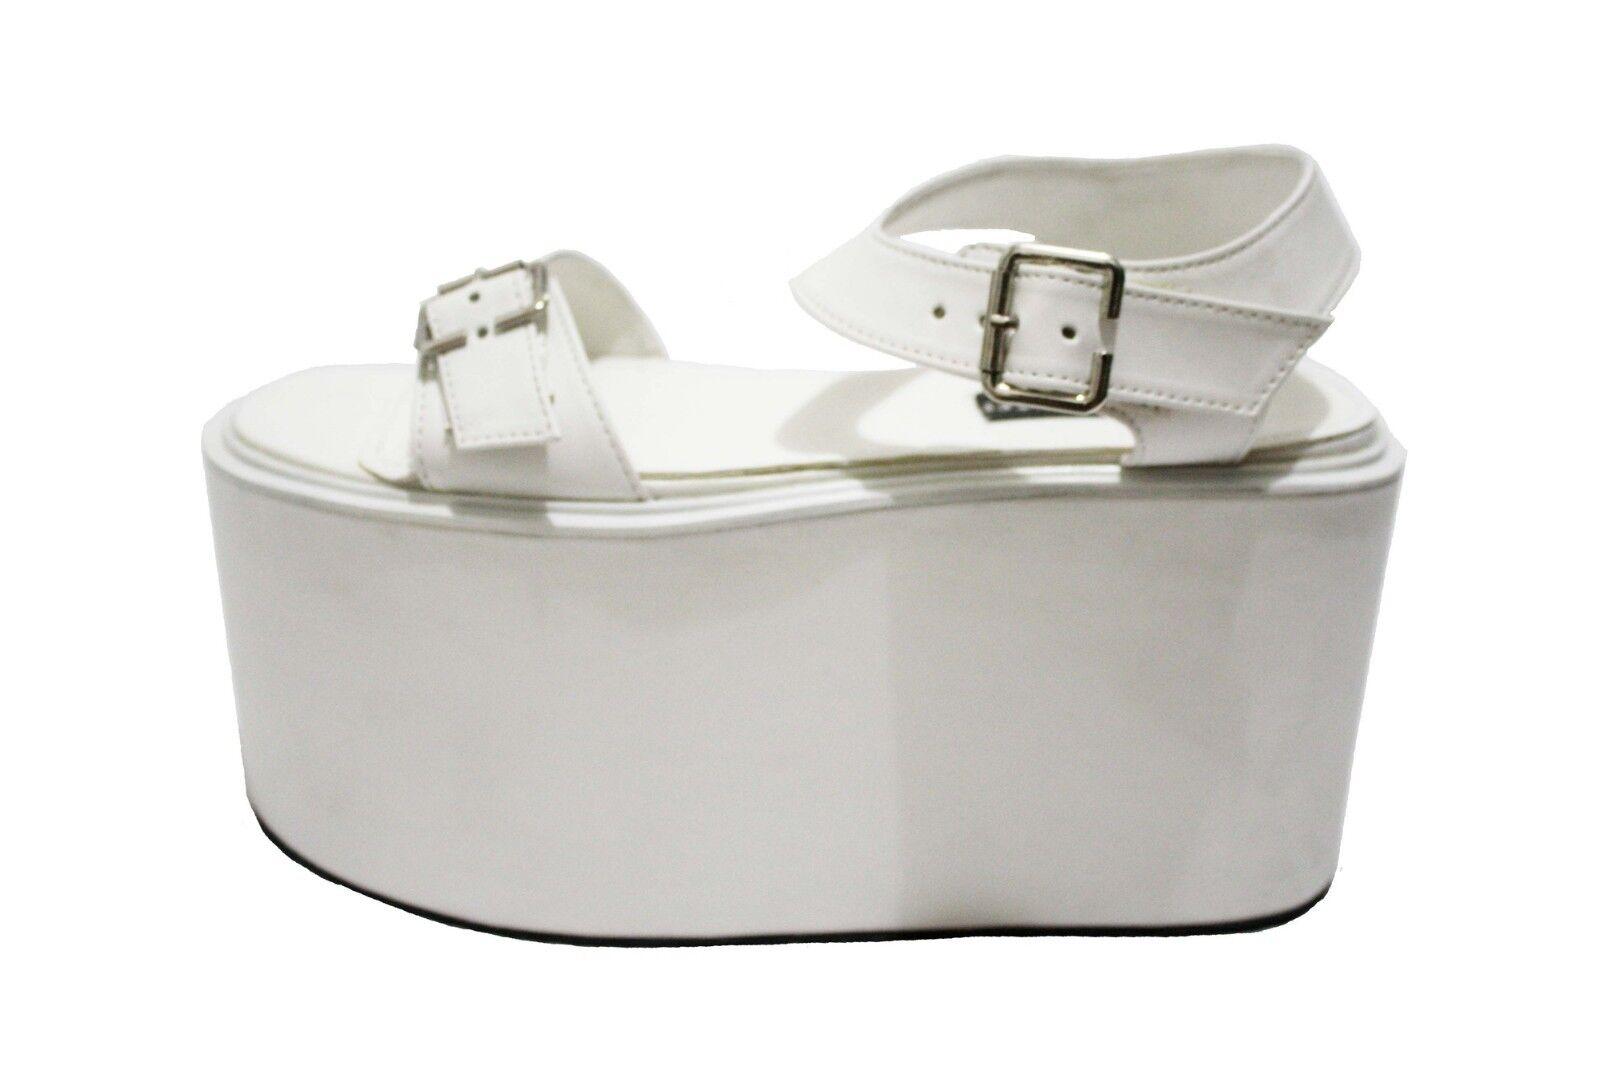 Monster blancooo Charol Gaga II Zapatos de de de plataforma Talla 8.5 MSRP   271.95  tienda en linea